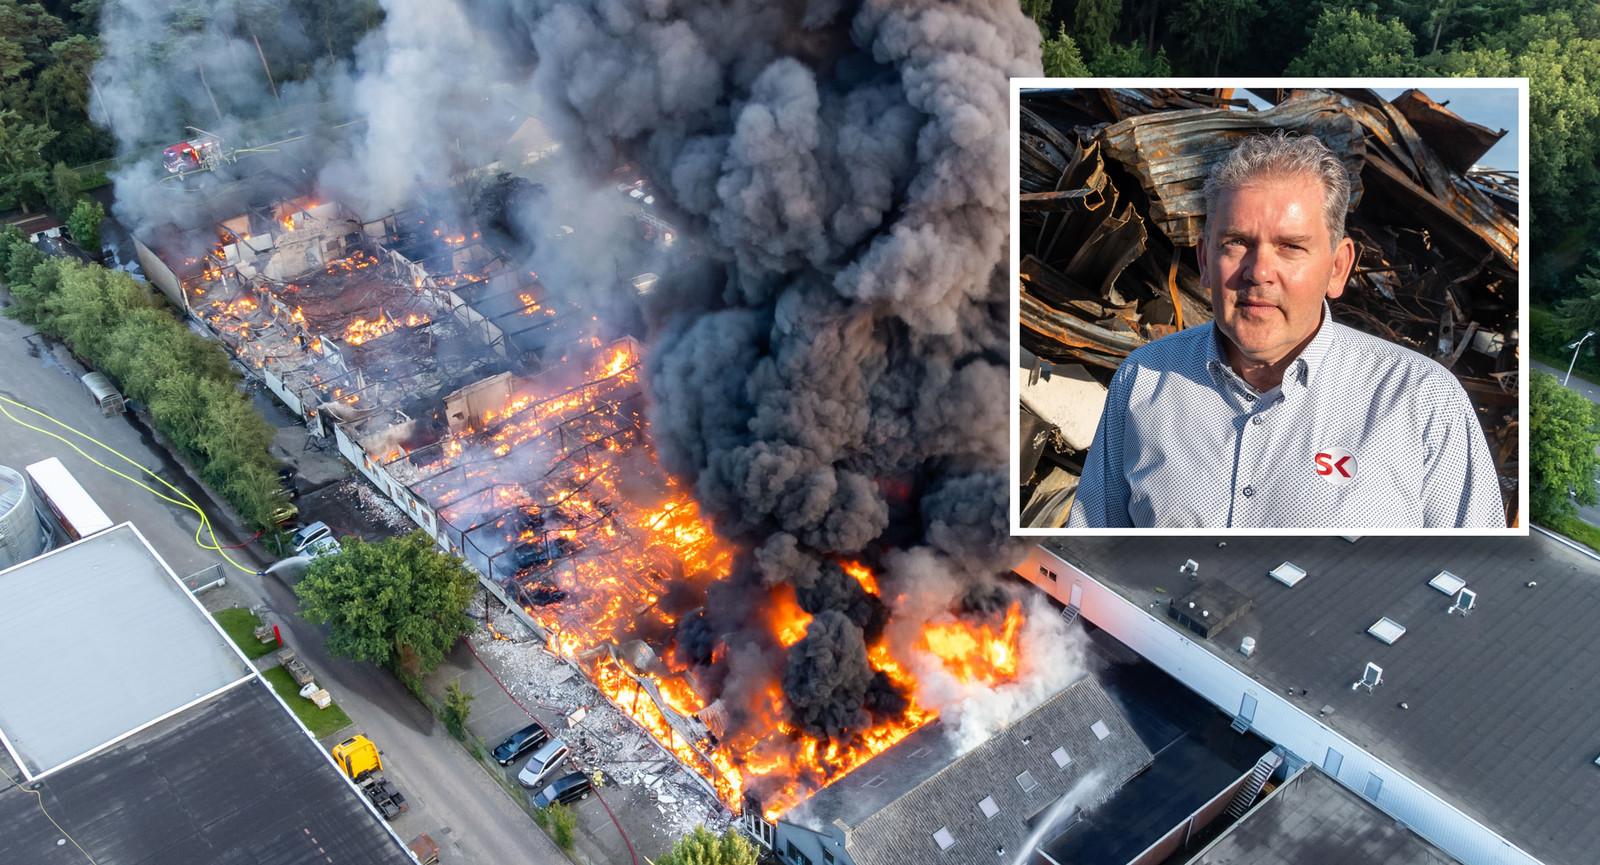 De vuurzee zorgde voor veel schade in Soesterberg. Inzet: Vincent Dijker.